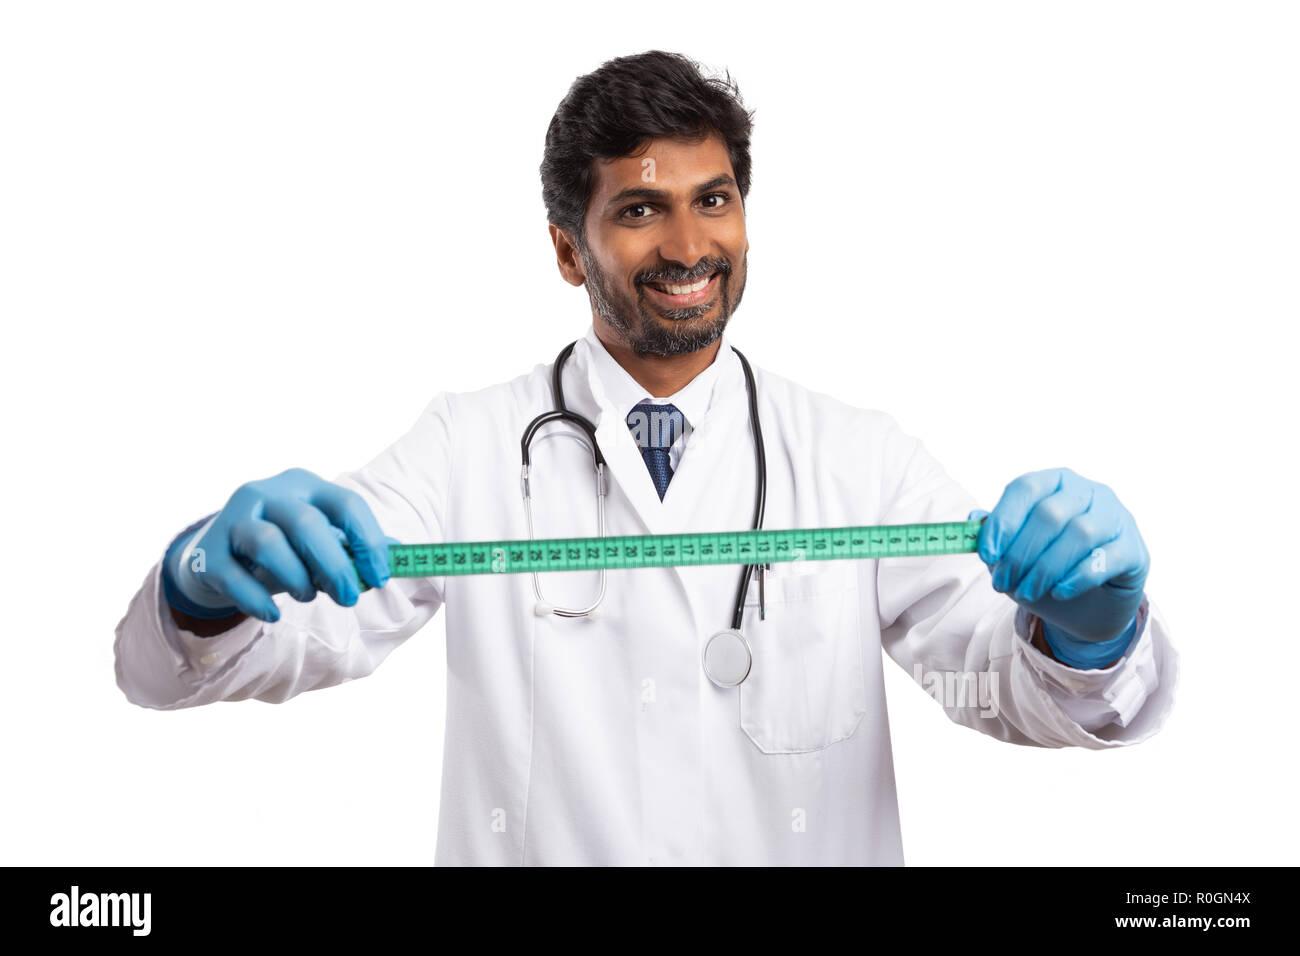 Doctor indio hombre midiendo el tamaño del cuerpo con cinta aislado sobre fondo blanco studio Imagen De Stock